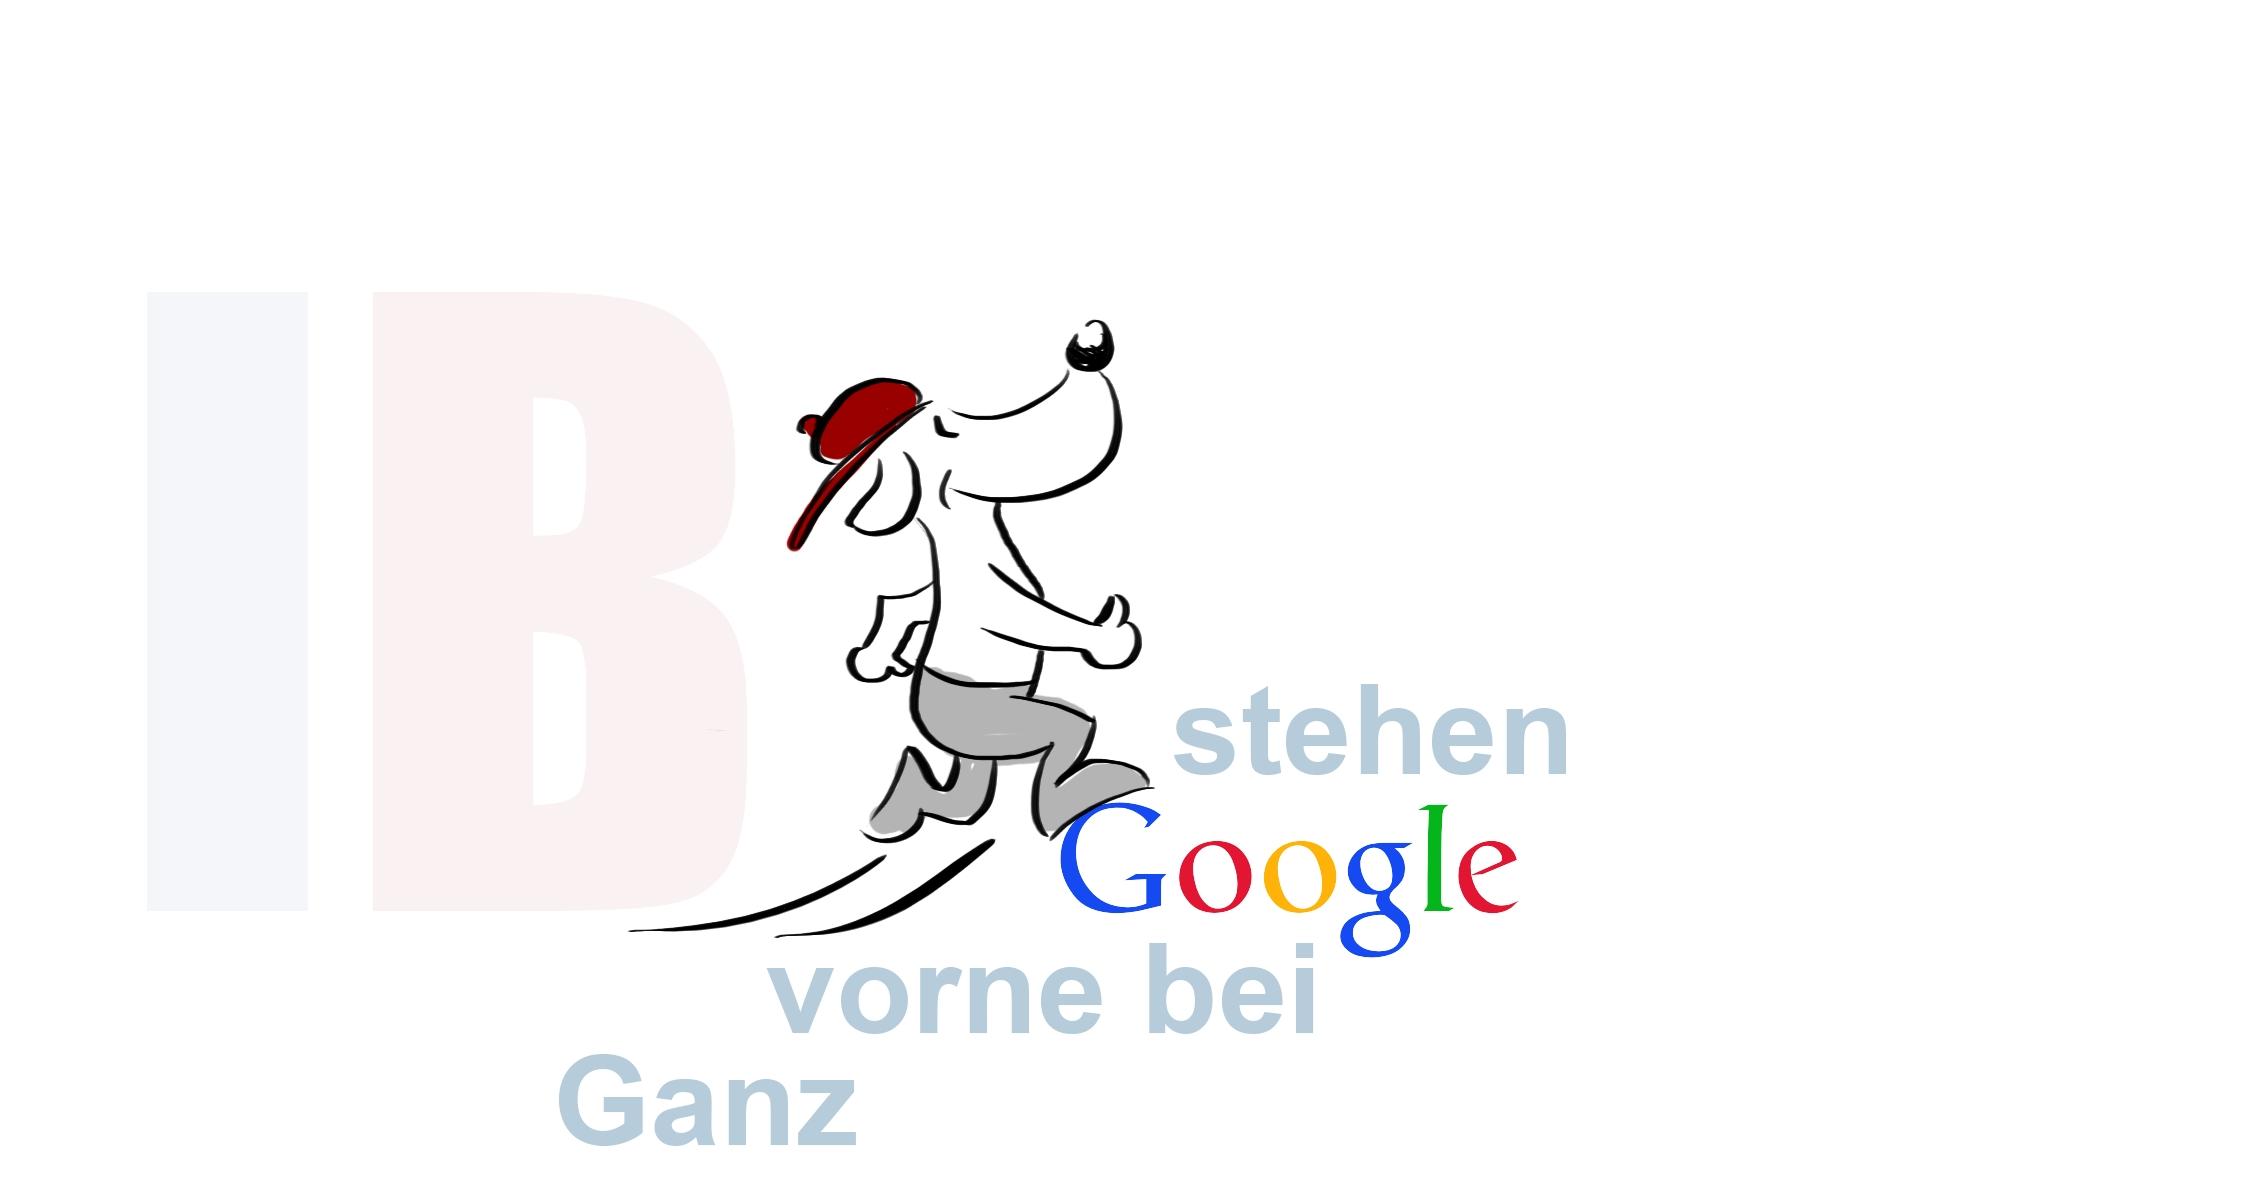 Bei Google ganz vorne stehen